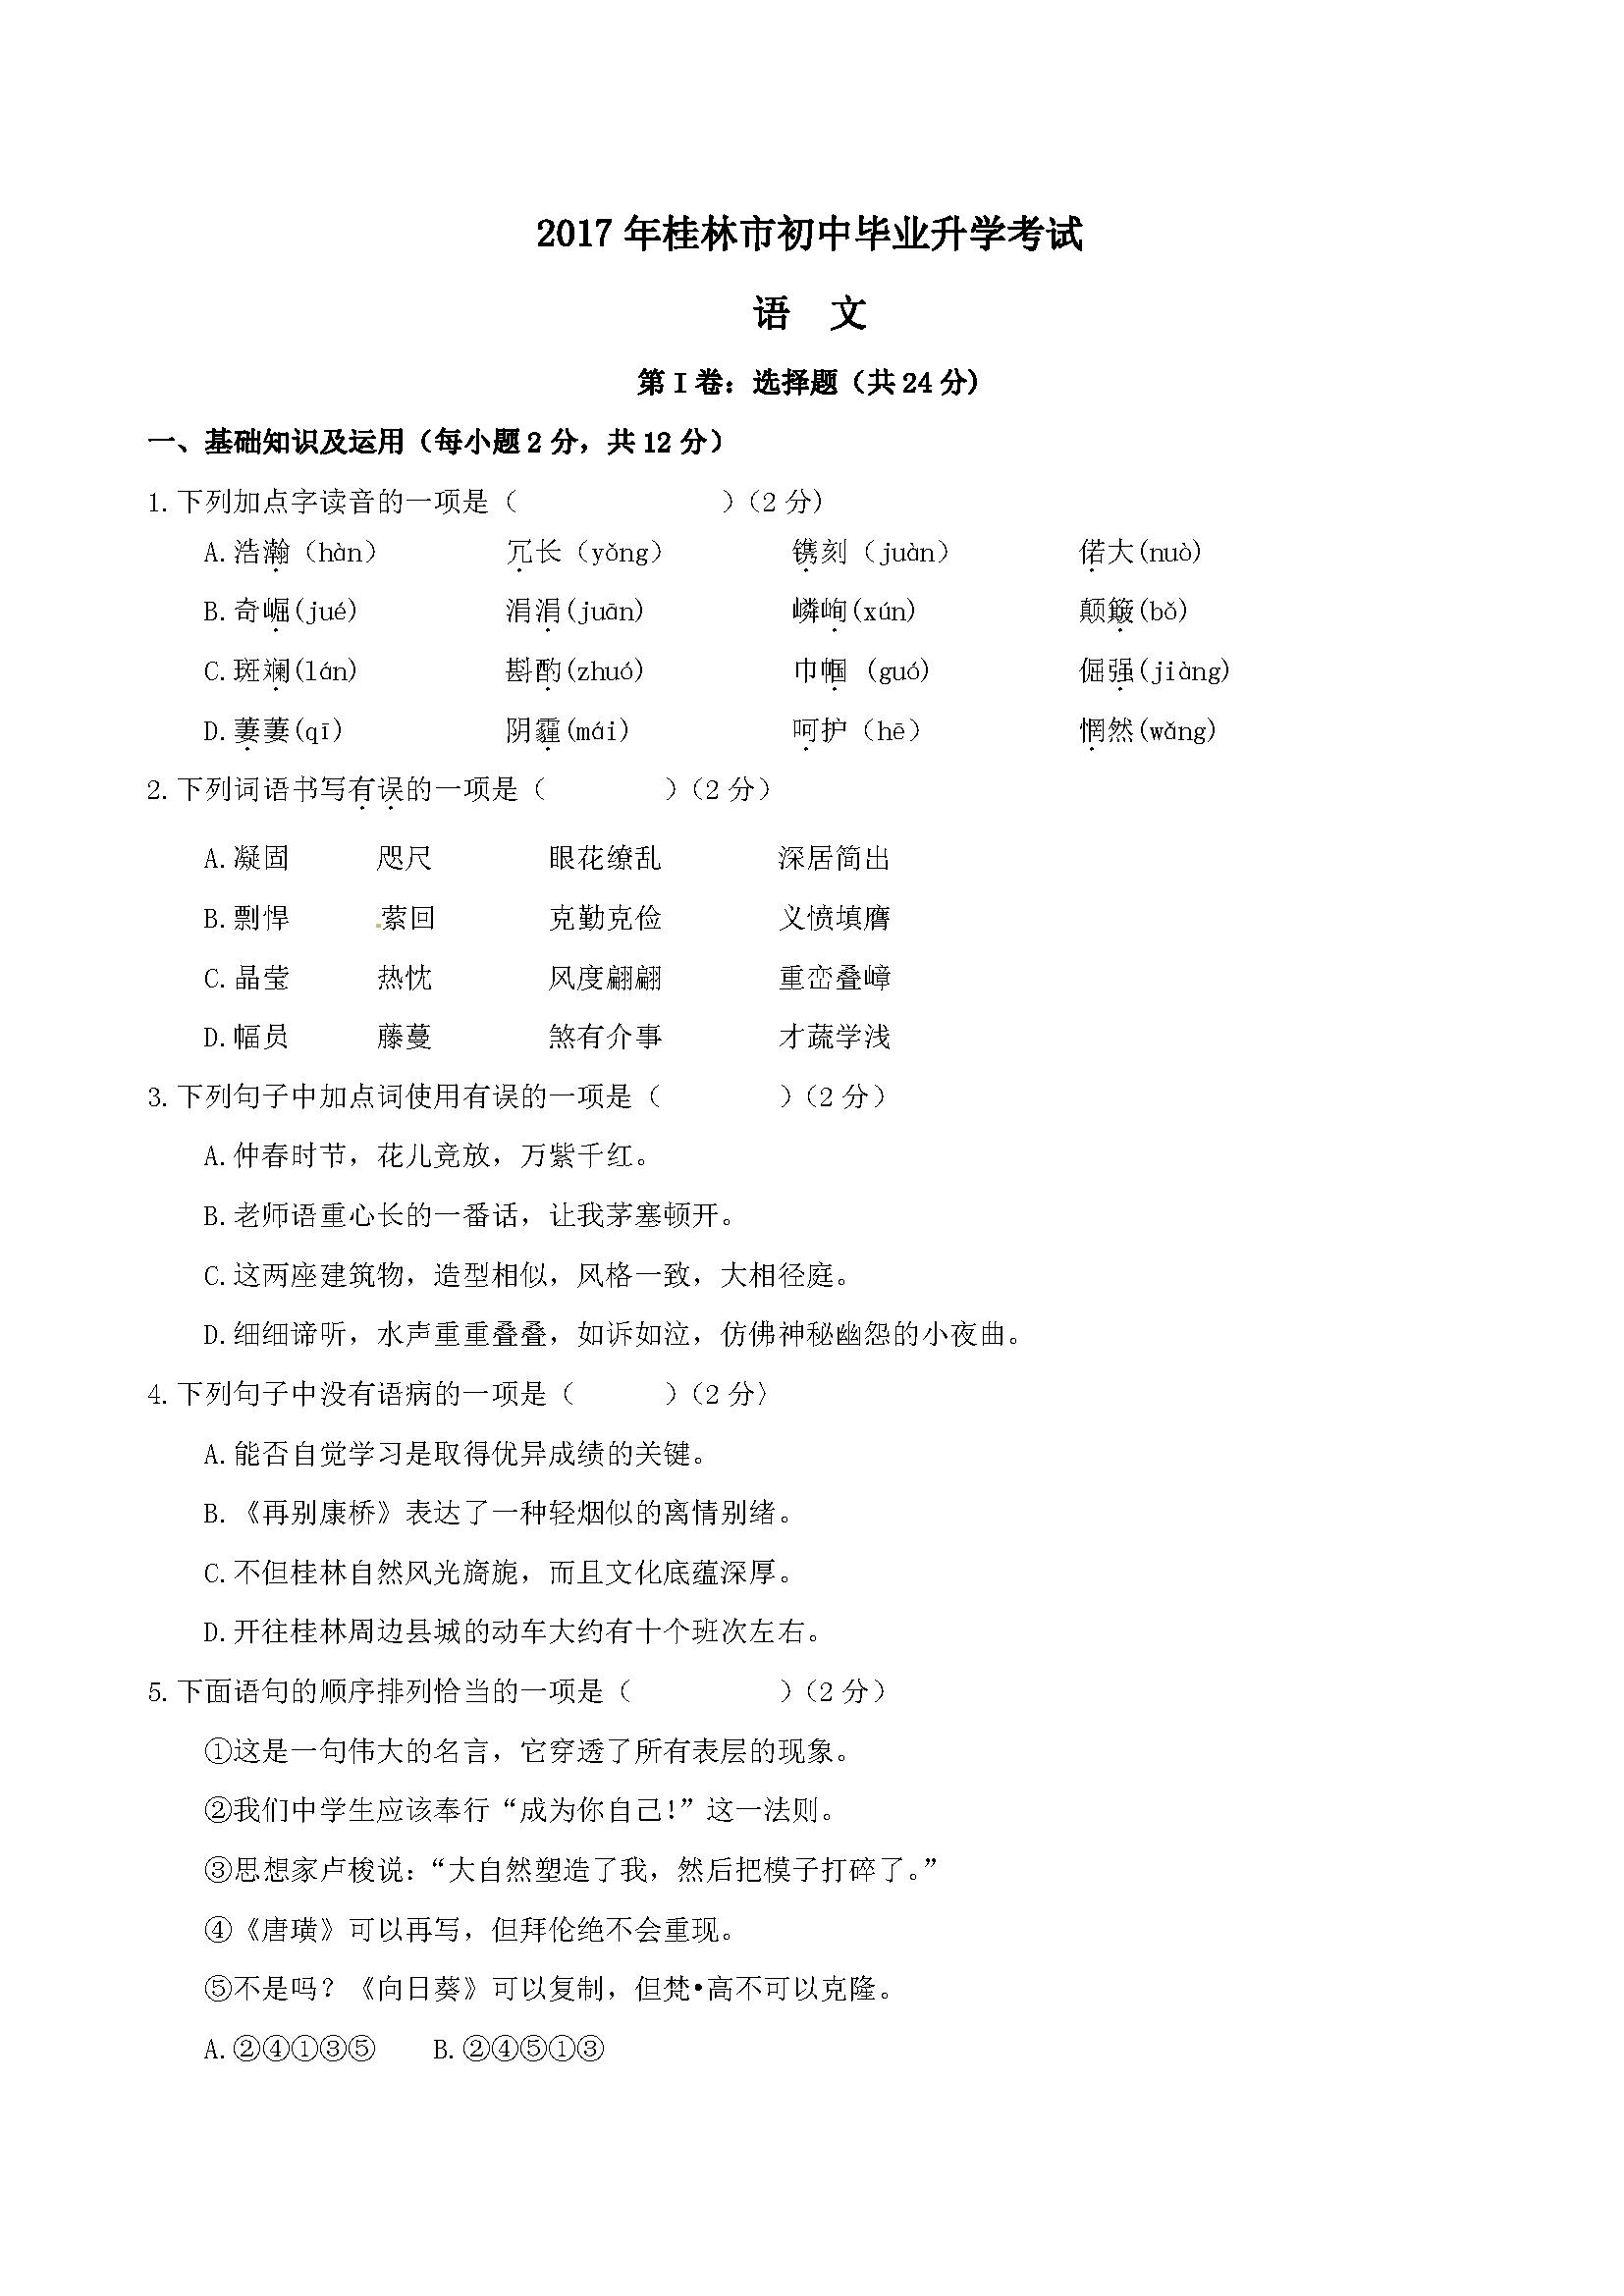 广西桂林市2017中考语文试题(Word版)